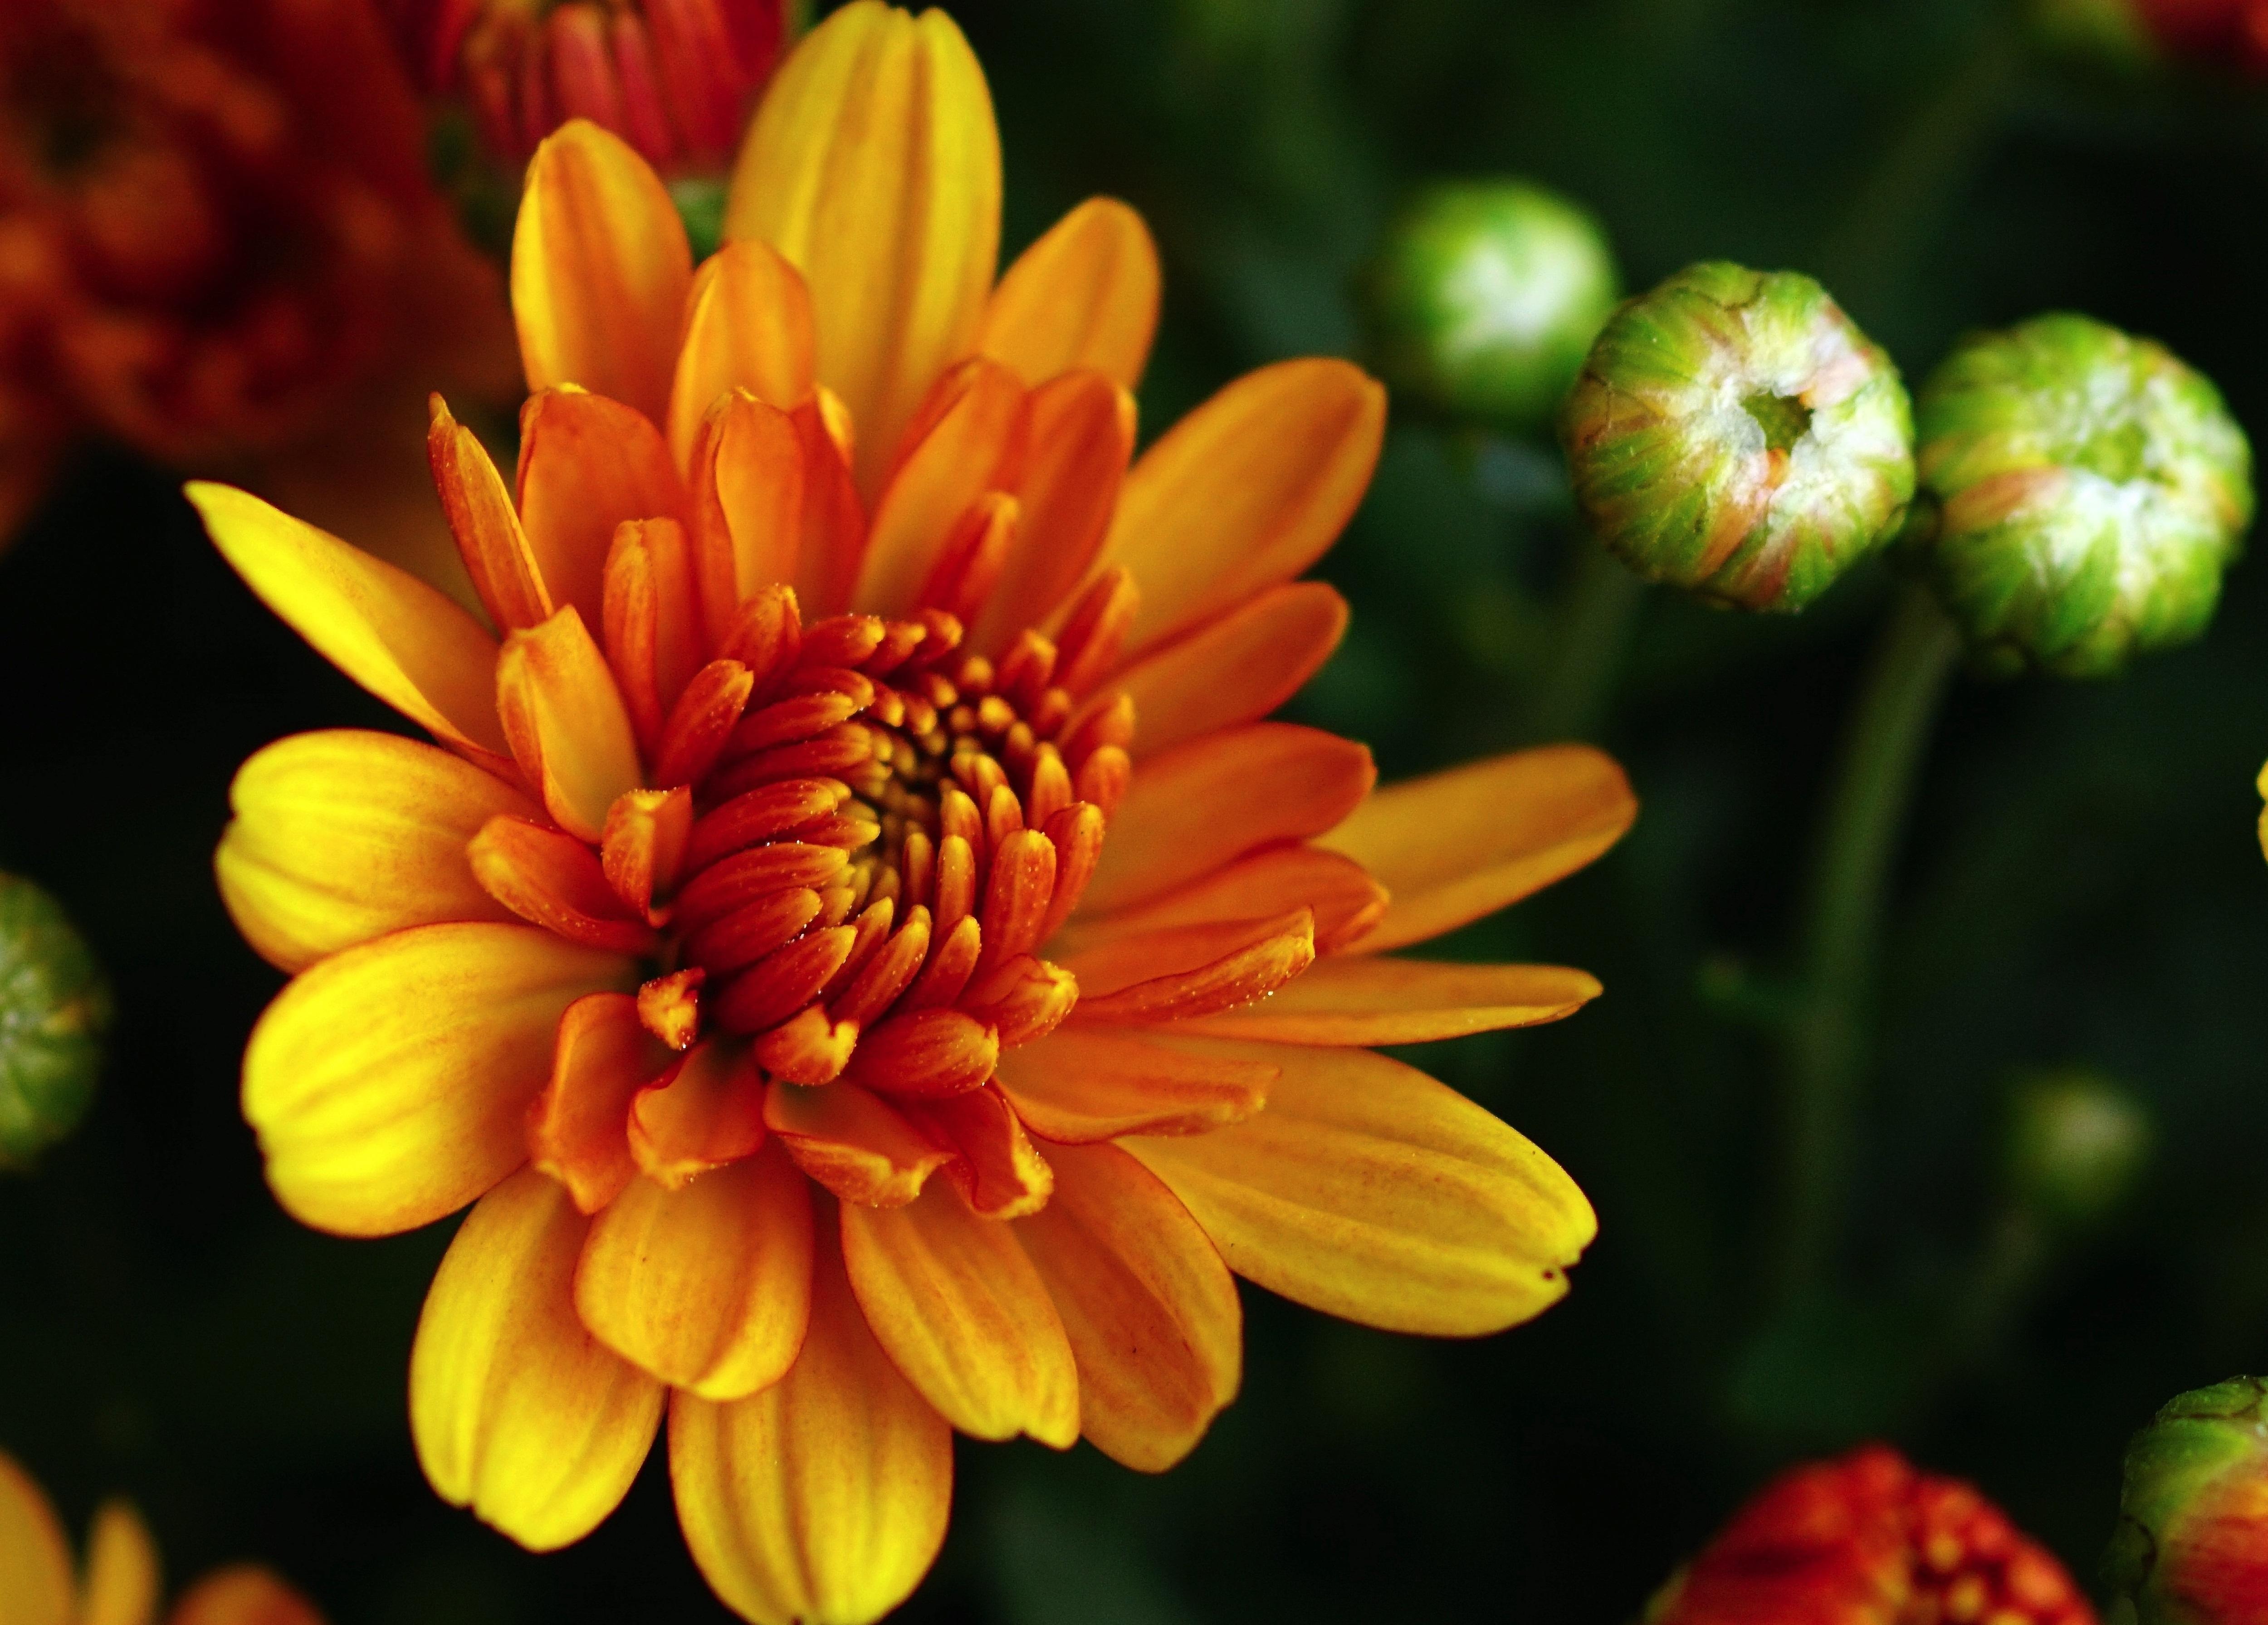 Free Images : nature, blossom, petal, bloom, orange, green, color ...